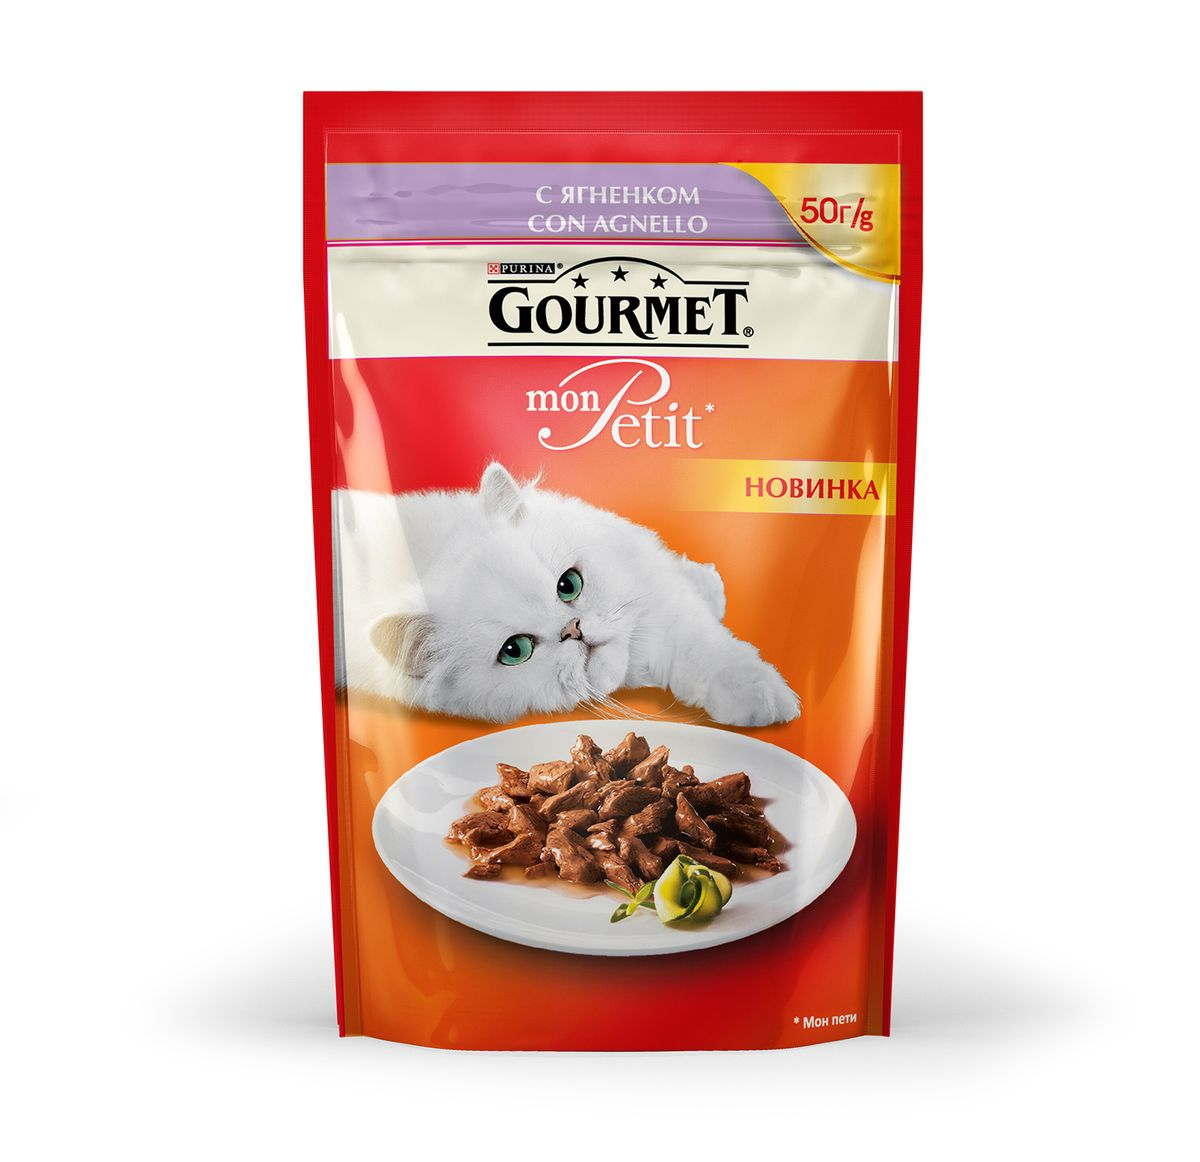 Консервы Gourmet Mon Petit, для взрослых кошек, с ягненком, 50 г12287077Настоящие гурманы знают, что ничто не сравнится с восхитительным вкусом только что приготовленного блюда. Именно тогда изысканное сочетание превосходных ингредиентов раскрывается наиболее ярко. Ваши питомцы достойны вкусного питания - аппетитного обеда из нежнейших кусочков мяса из только что открытого пакетика. Особый формат упаковки Gourmet Mon Petit (50 г) удобен тем, что содержит порцию оптимального размера. Это позволяет вашему пушистому гурману доесть все сразу до последнего кусочка, наслаждаясь пиком вкуса великолепного продукта. Больше не придется хранить остатки в холодильнике и на следующий день уговаривать своего питомца все это съесть. Ведь он, как настоящий гурман, понимает, что вкусно только то, что сразу же оказывается у него на тарелке. Вы можете быть уверены - ваш гурман оценит изысканное сочетание высококачественных ингредиентов, бережно приготовленных в аппетитном соусе. Состав: мясо и продукты переработки мяса (в том числе ягнятина 4%), экстракт растительного белка, рыба и продукты переработки рыбы, минеральные вещества, сахара, дрожжи, витамины.Добавленные вещества: витамин A 732 МЕ/кг; витамин D3 112 МЕ/кг; железо 8,4 мг/кг; йод 0,21 мг/кг; медь 0,73 мг/кг; марганец 1,6 мг/кг; цинк 15 мг/кг.Пищевая ценность в 100 г: влажность 81,4%, белок 12,3%, жир 2,8%, сырая зола 1,6%, сырая клетчатка 0,07%.Товар сертифицирован.